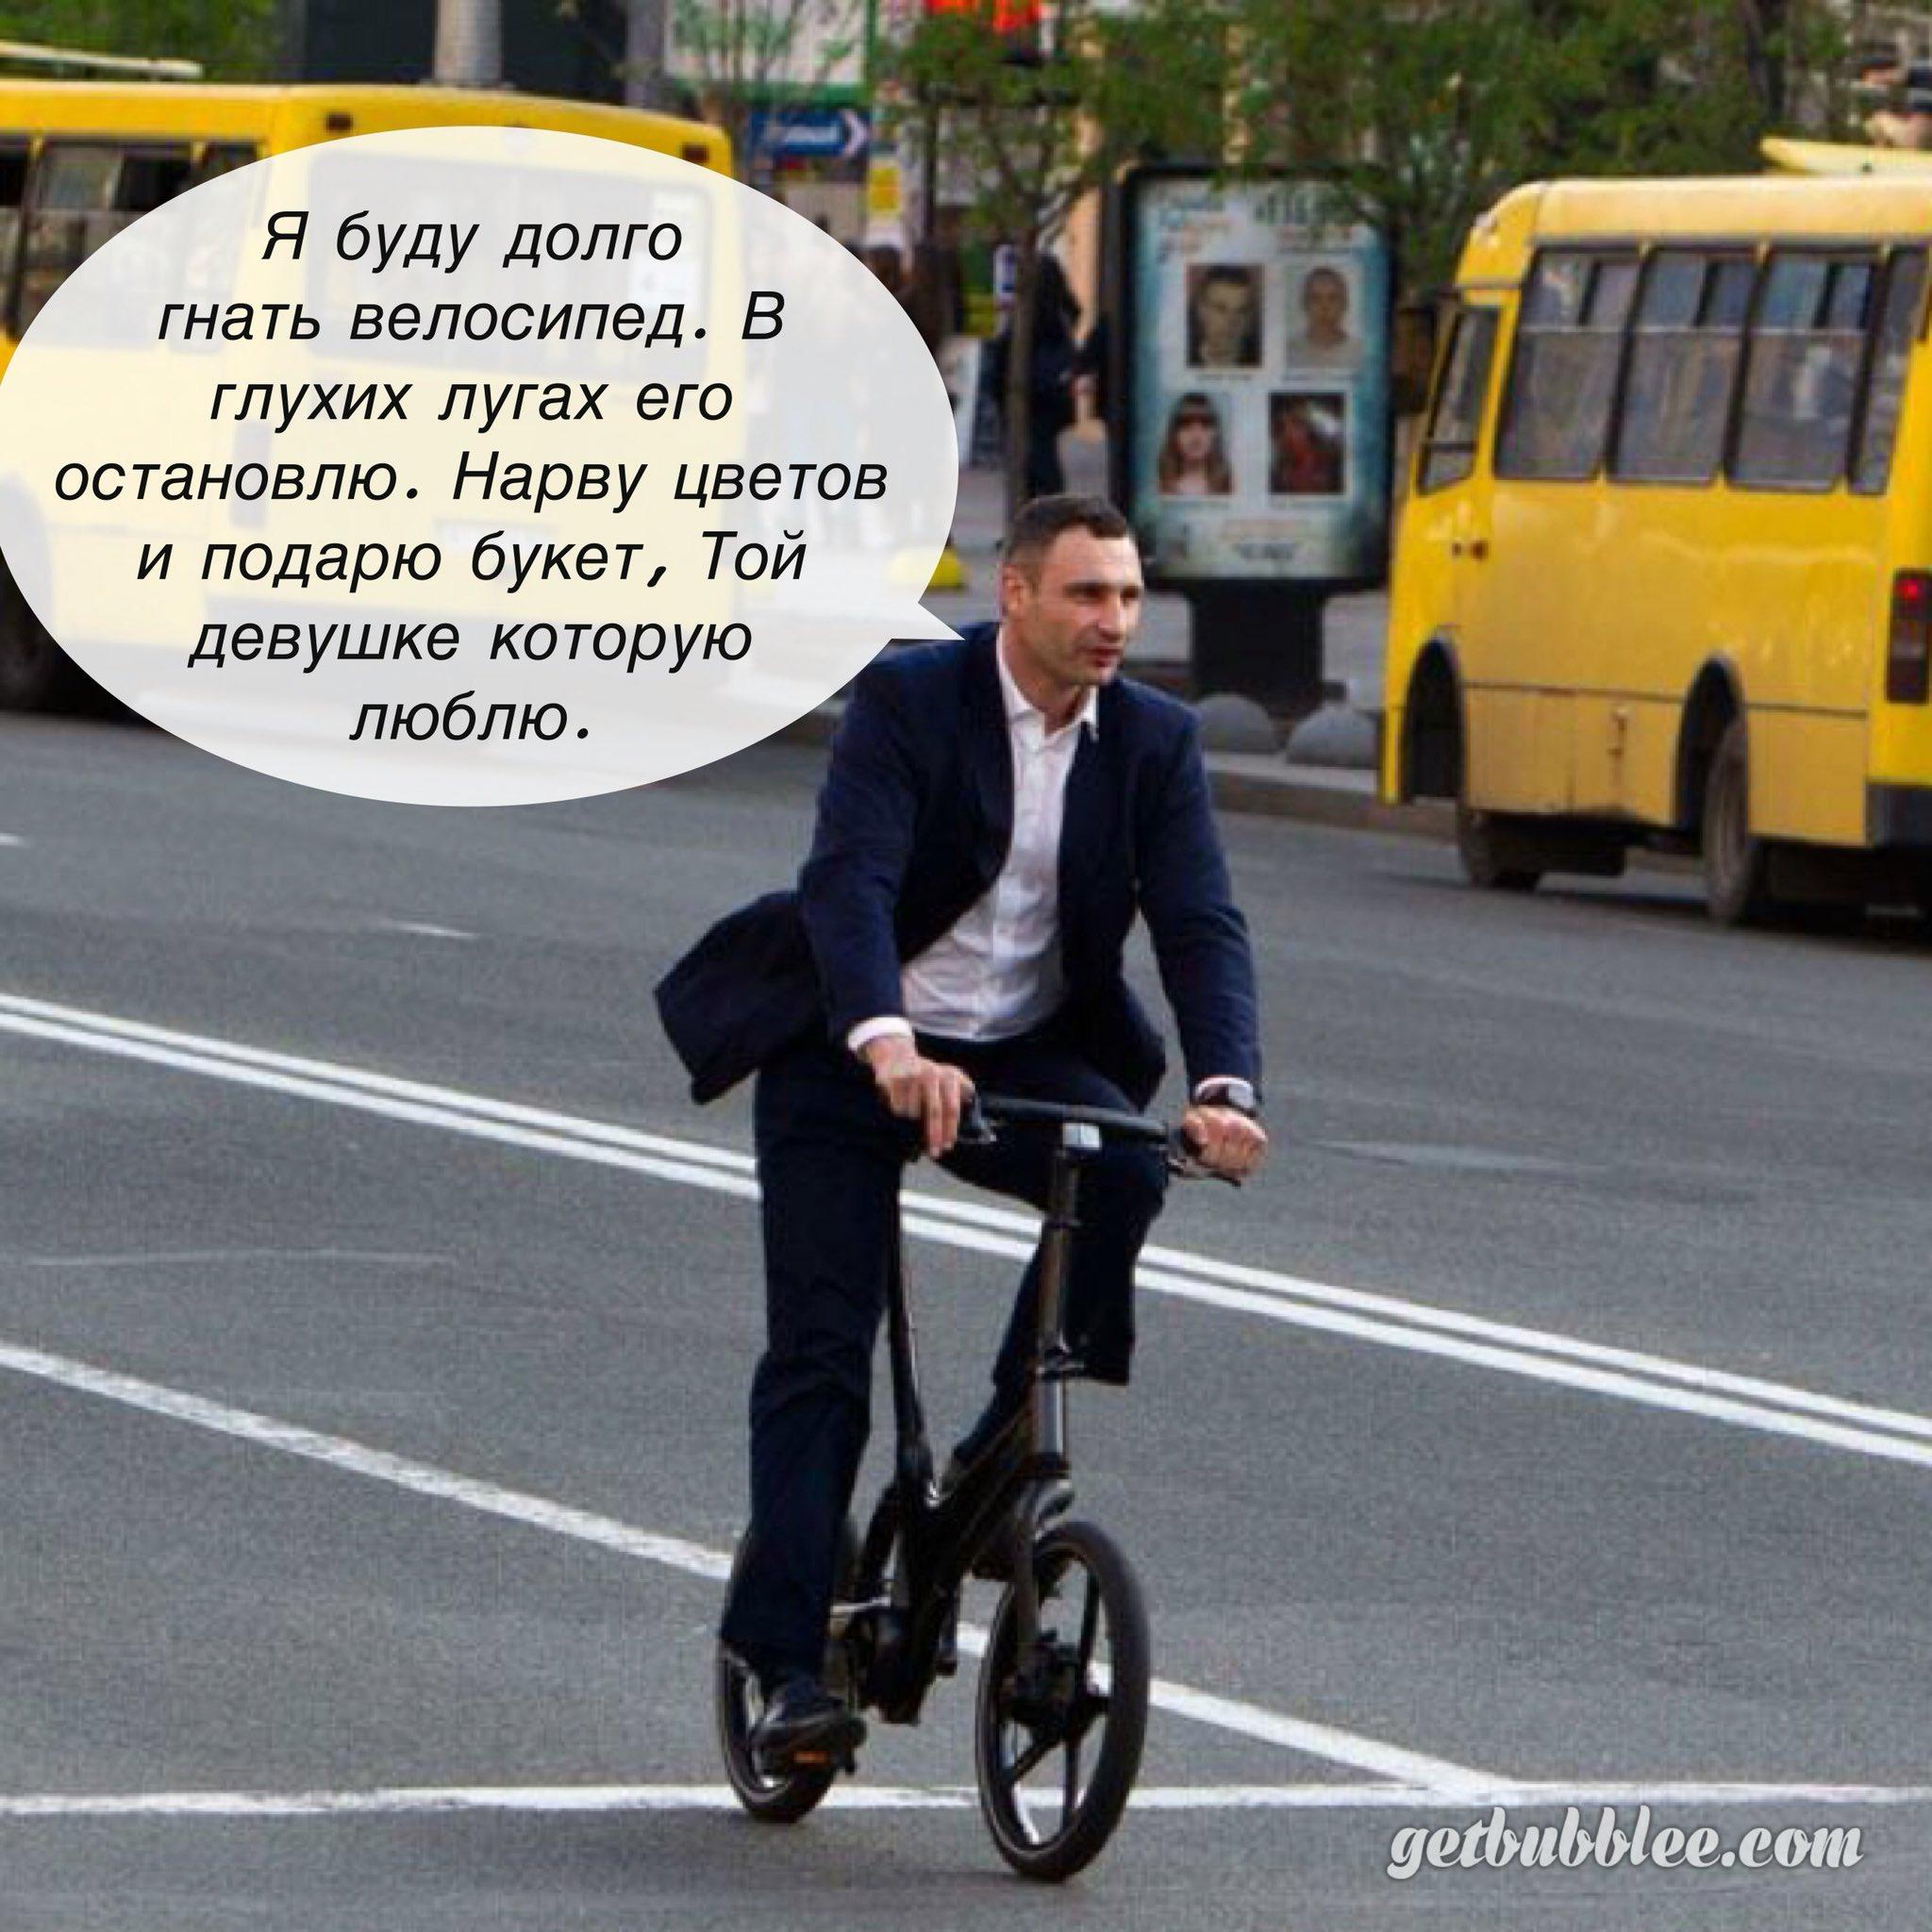 станок я буду долго гнать велосипед картинка прикол необходимо убавить